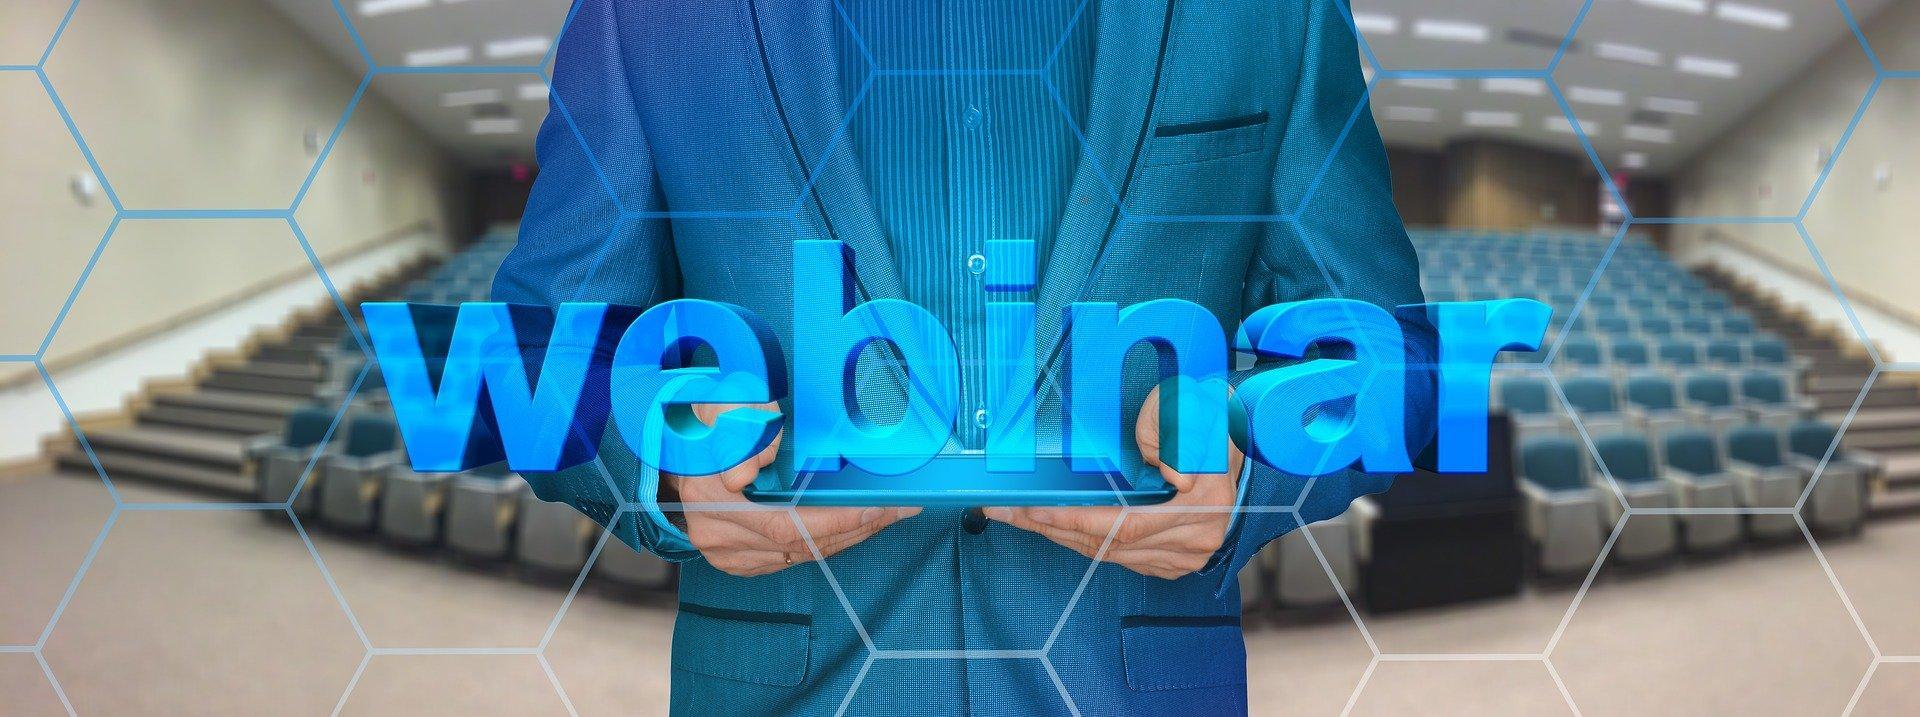 Webinar für Online Marketing